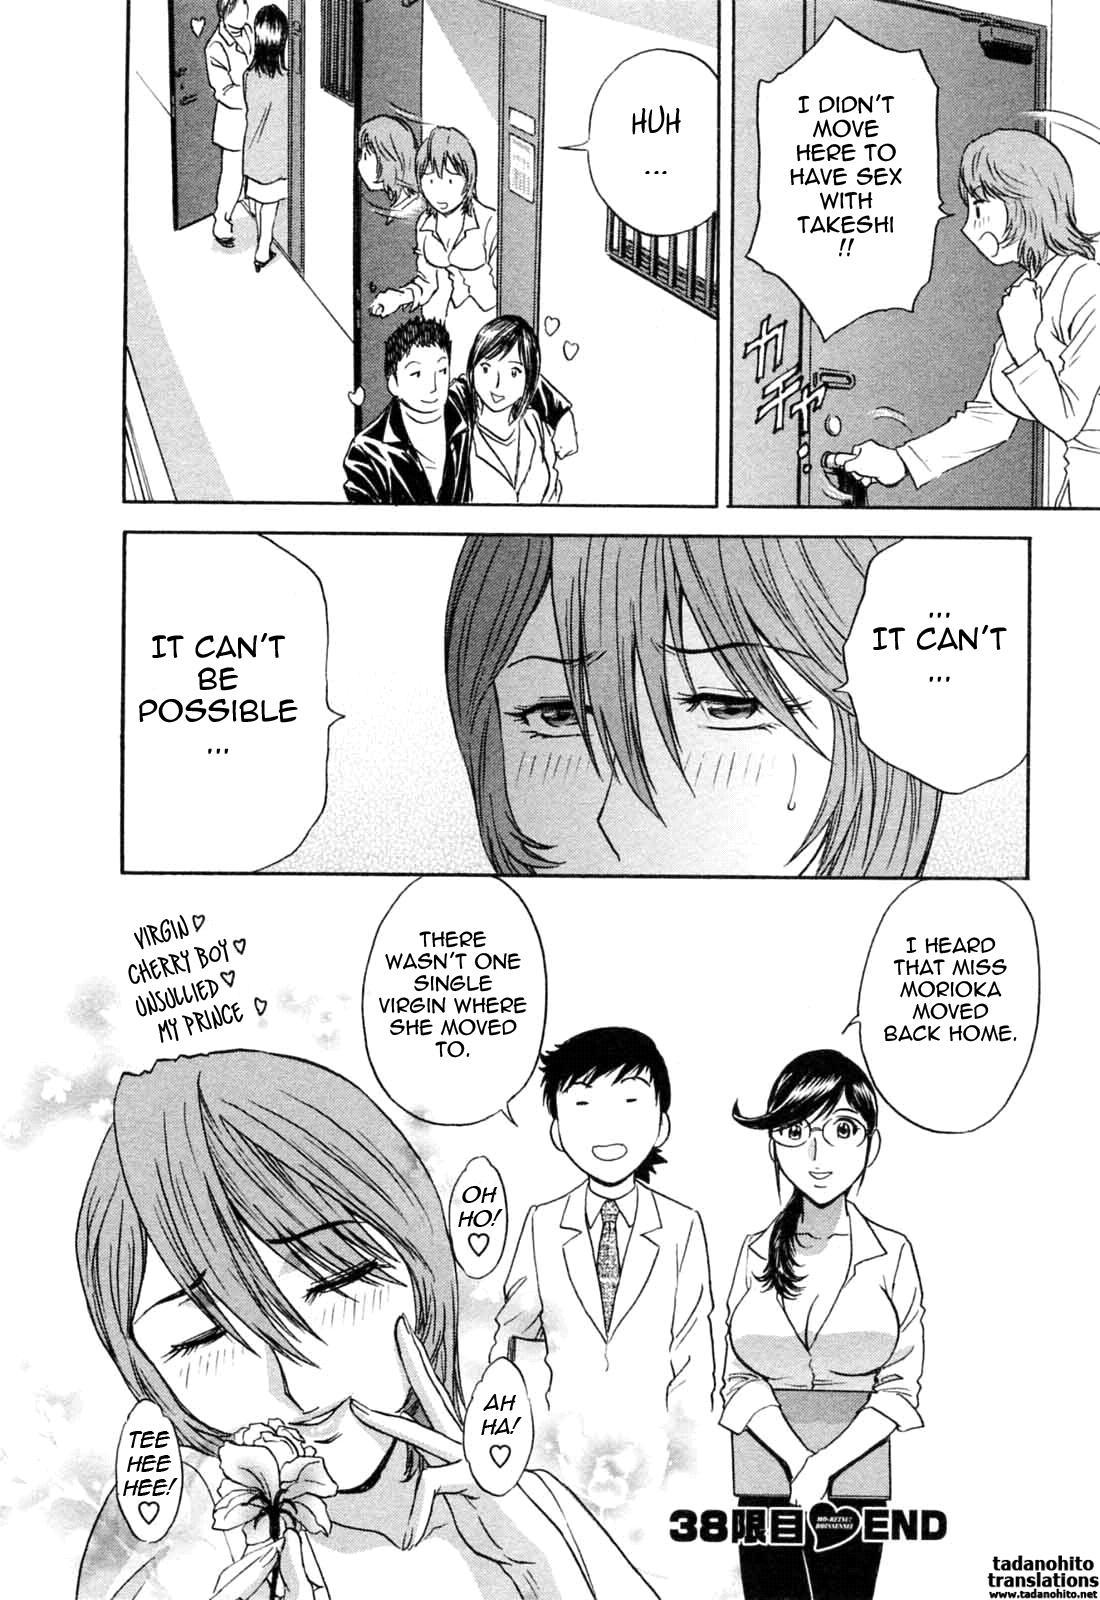 [Hidemaru] Mo-Retsu! Boin Sensei (Boing Boing Teacher) Vol.5 [English] [4dawgz] [Tadanohito] 48